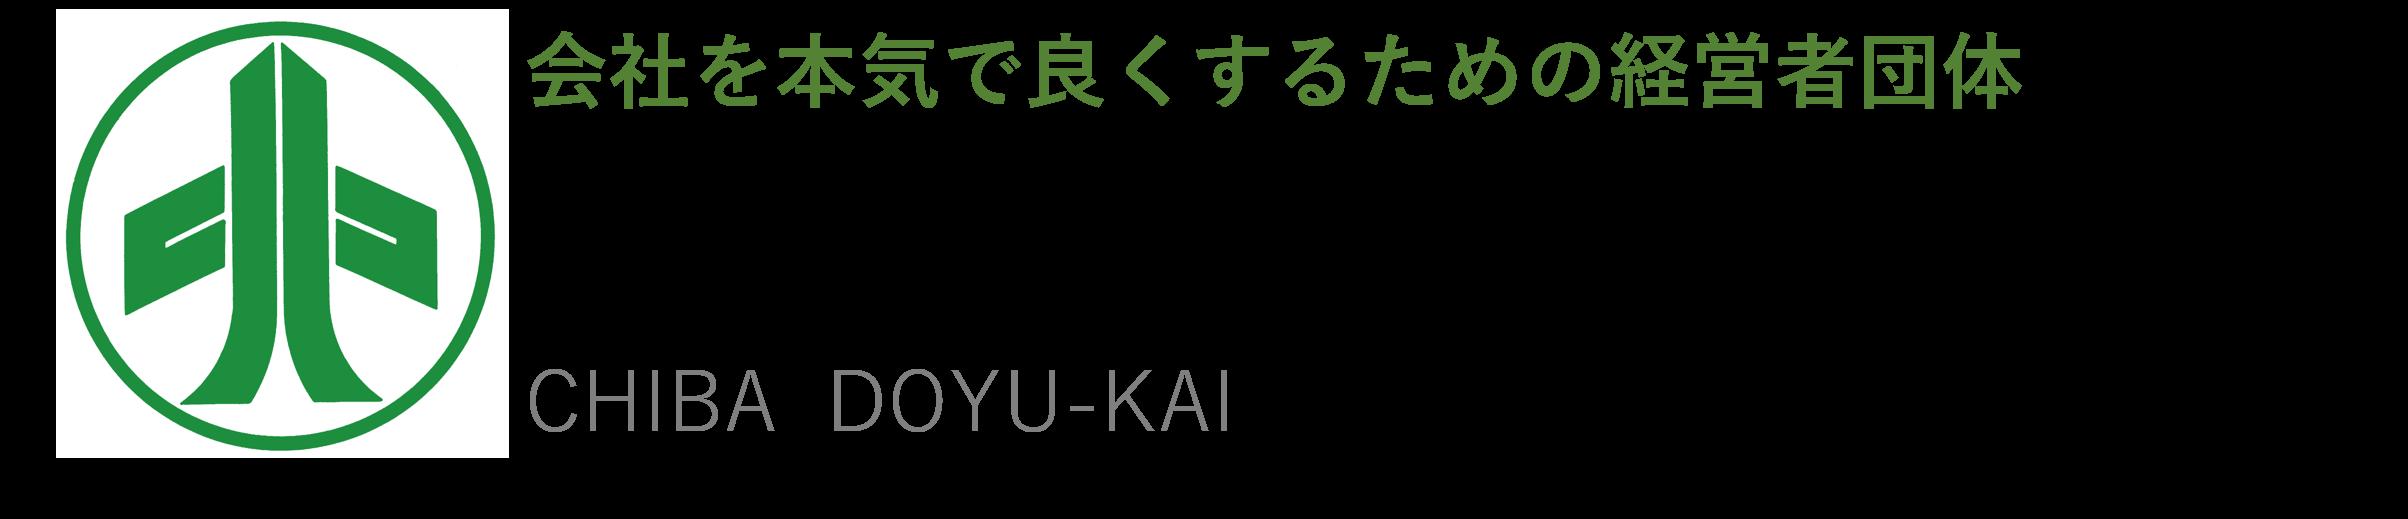 千葉県中小企業家同友会